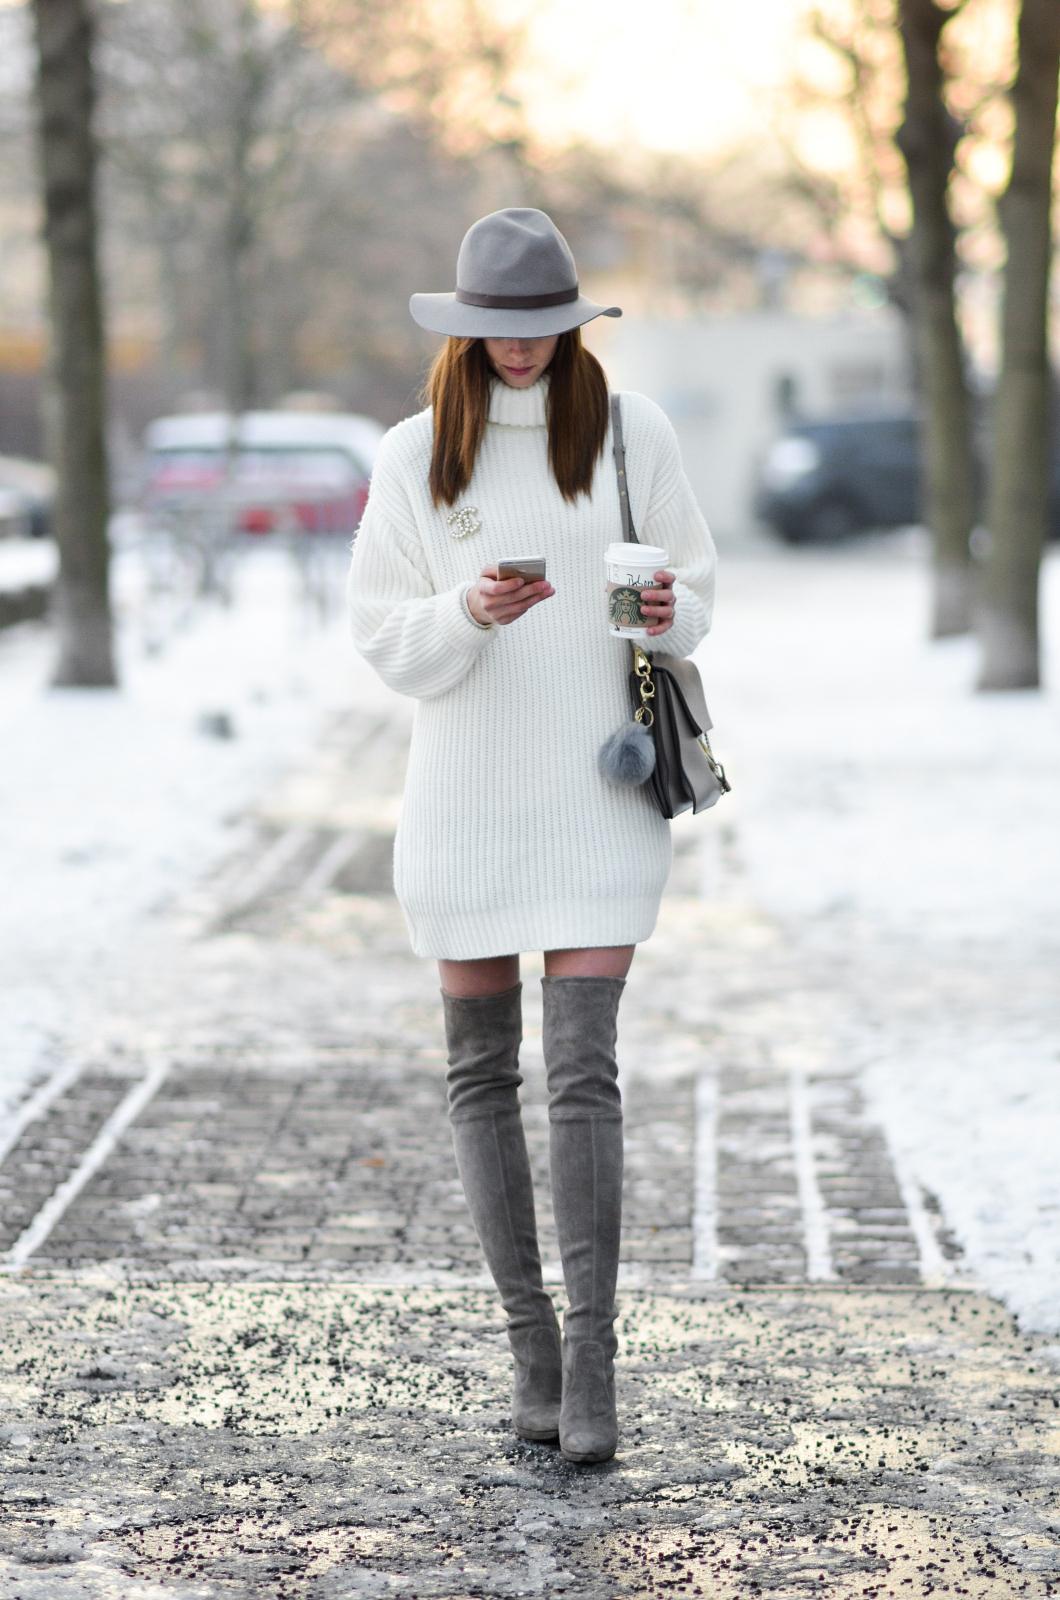 new product a8d67 a8c97 Come indossare e abbinare un vestito di maglia bianco (51 ...